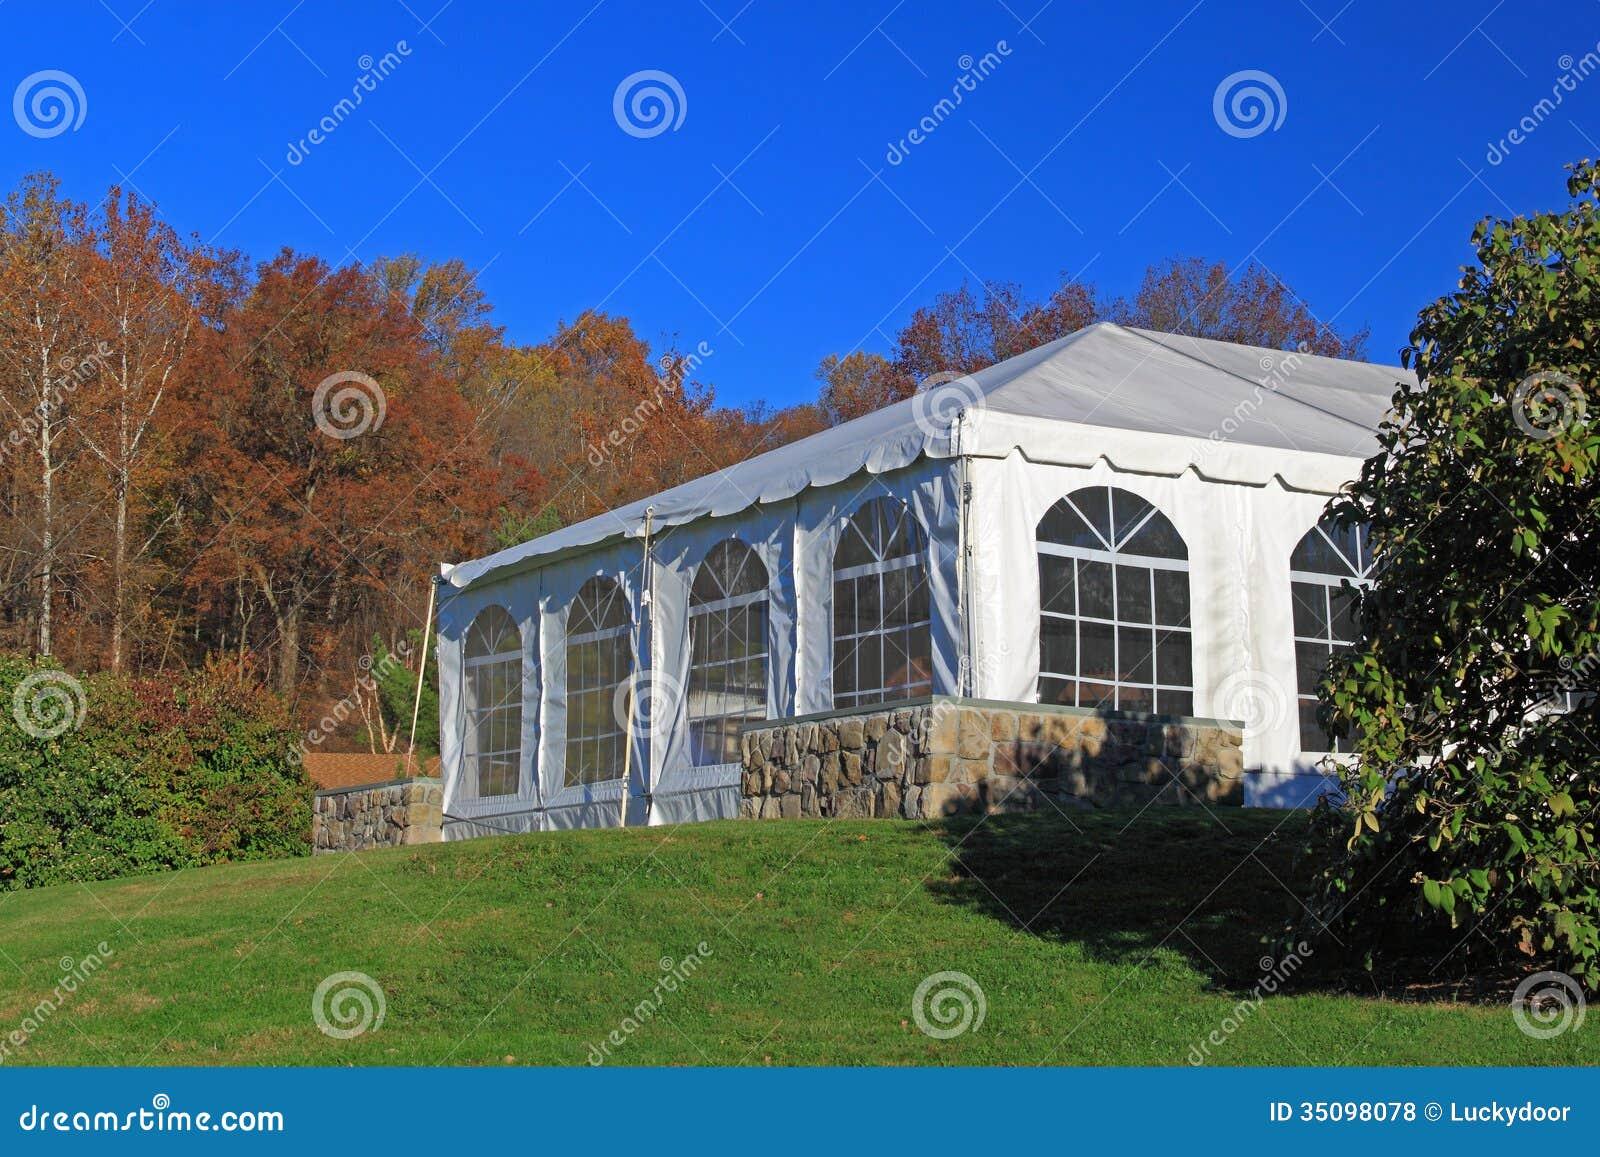 婚礼聚会帐篷